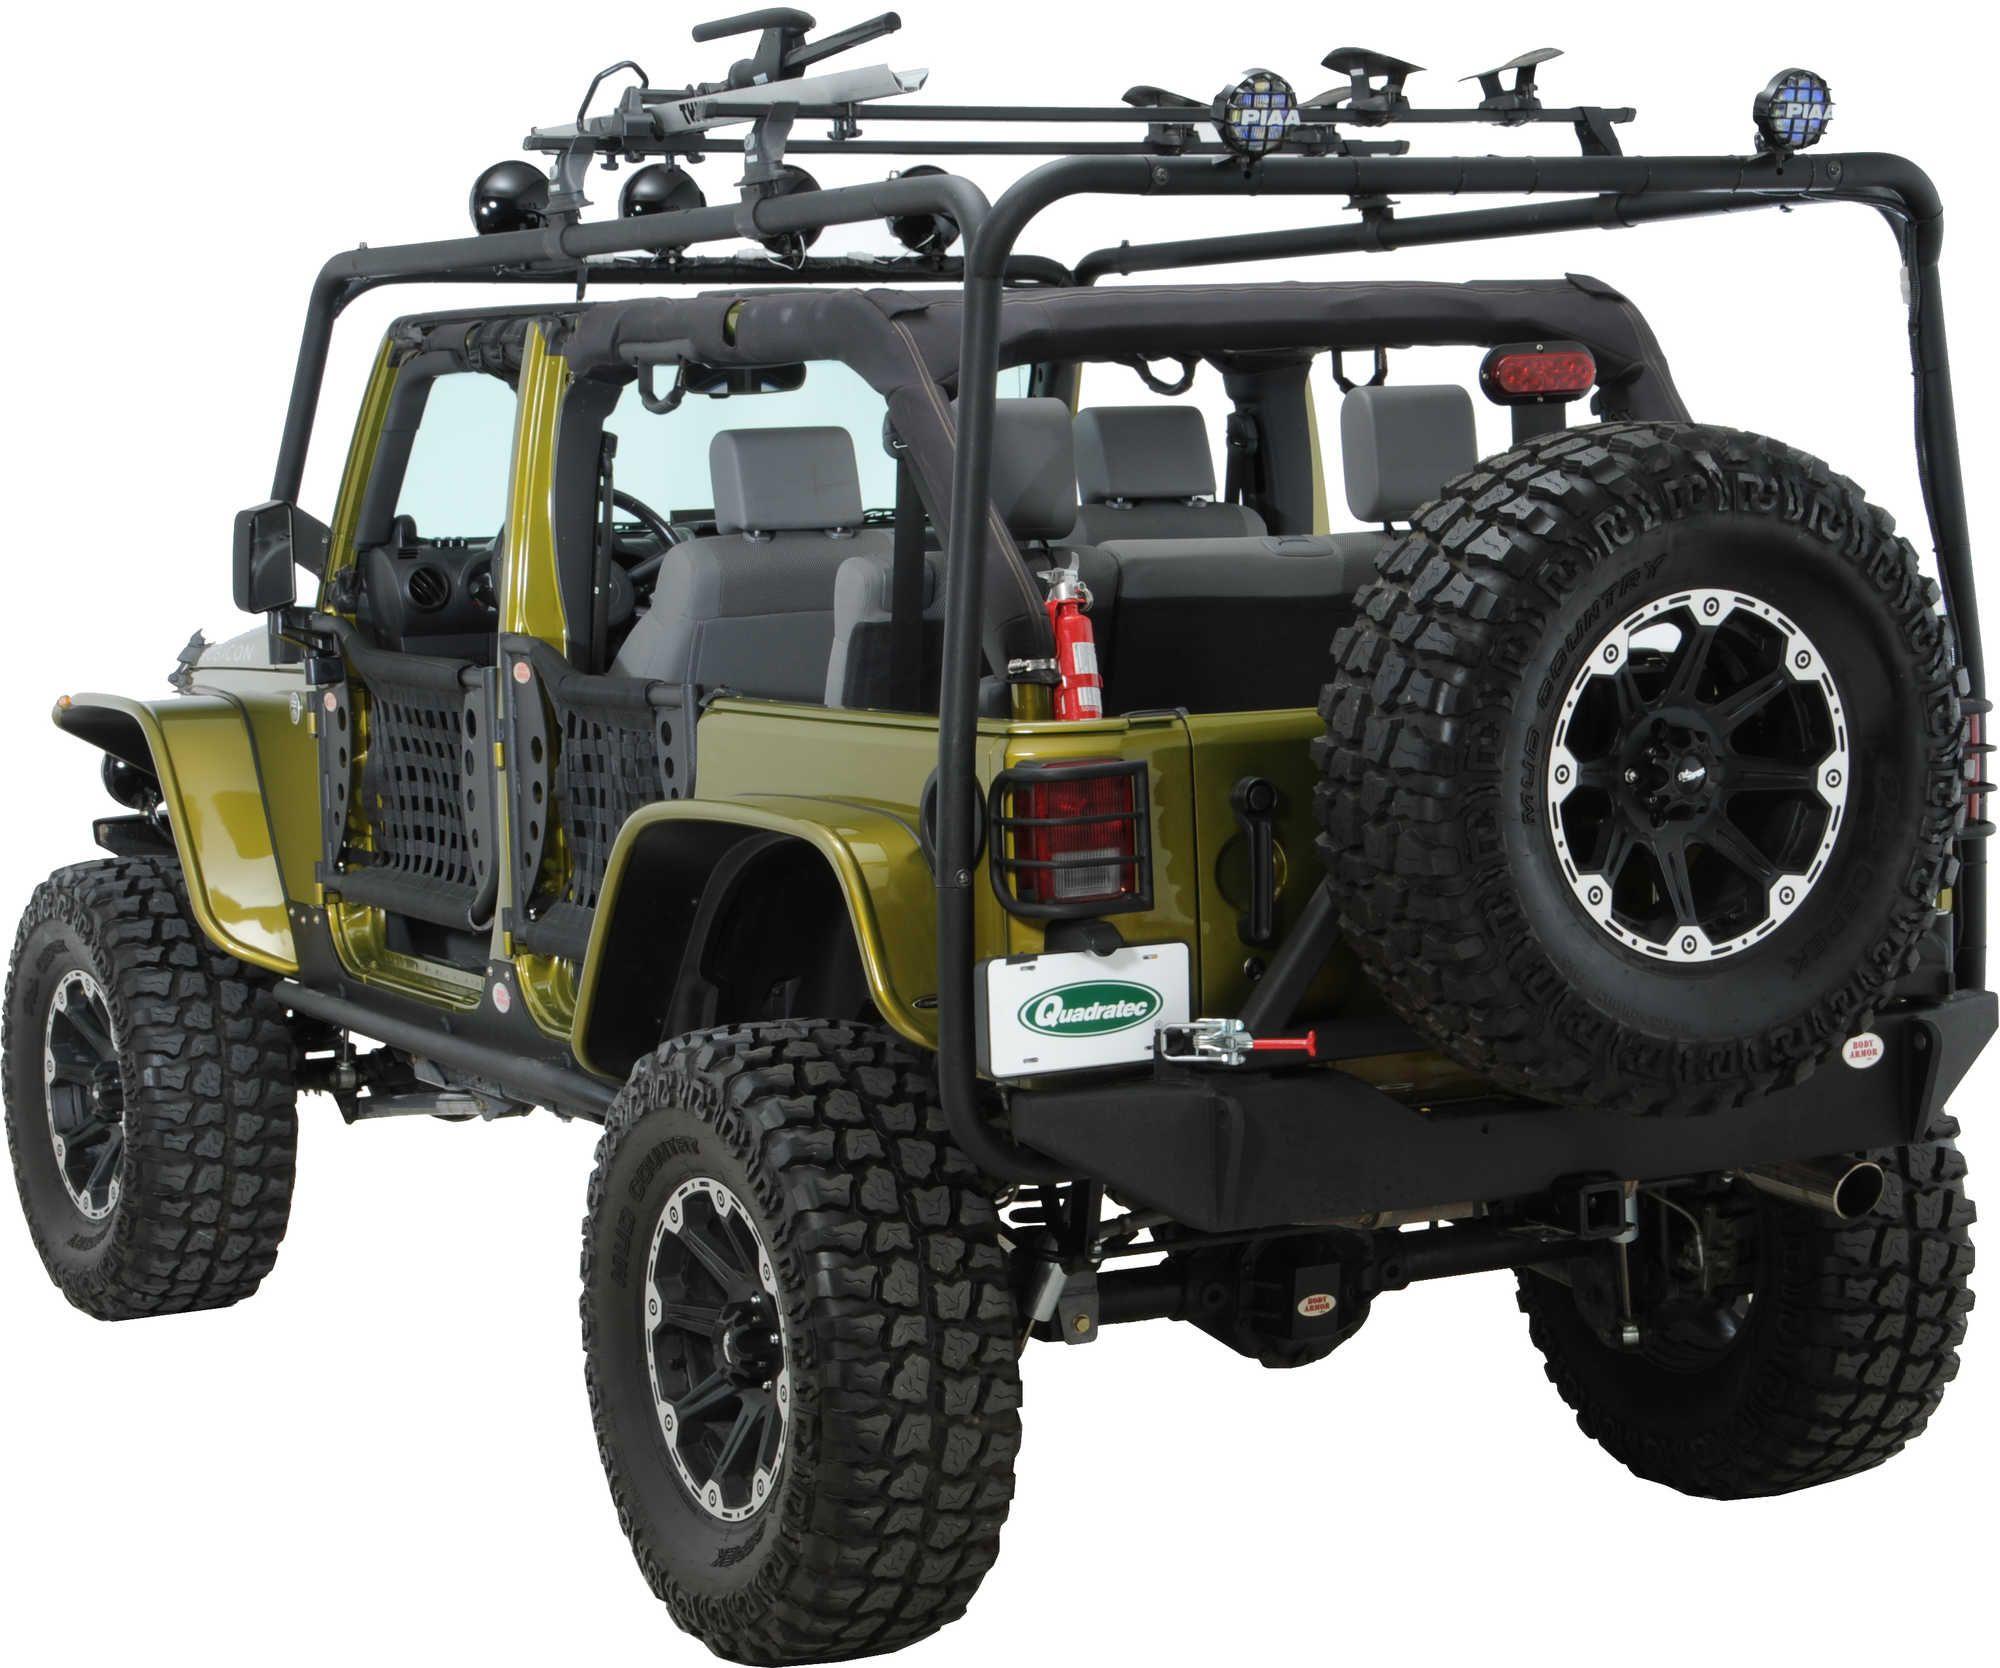 Body armor 4x4 roof rack base kit for 07 16 jeep wrangler jk 2